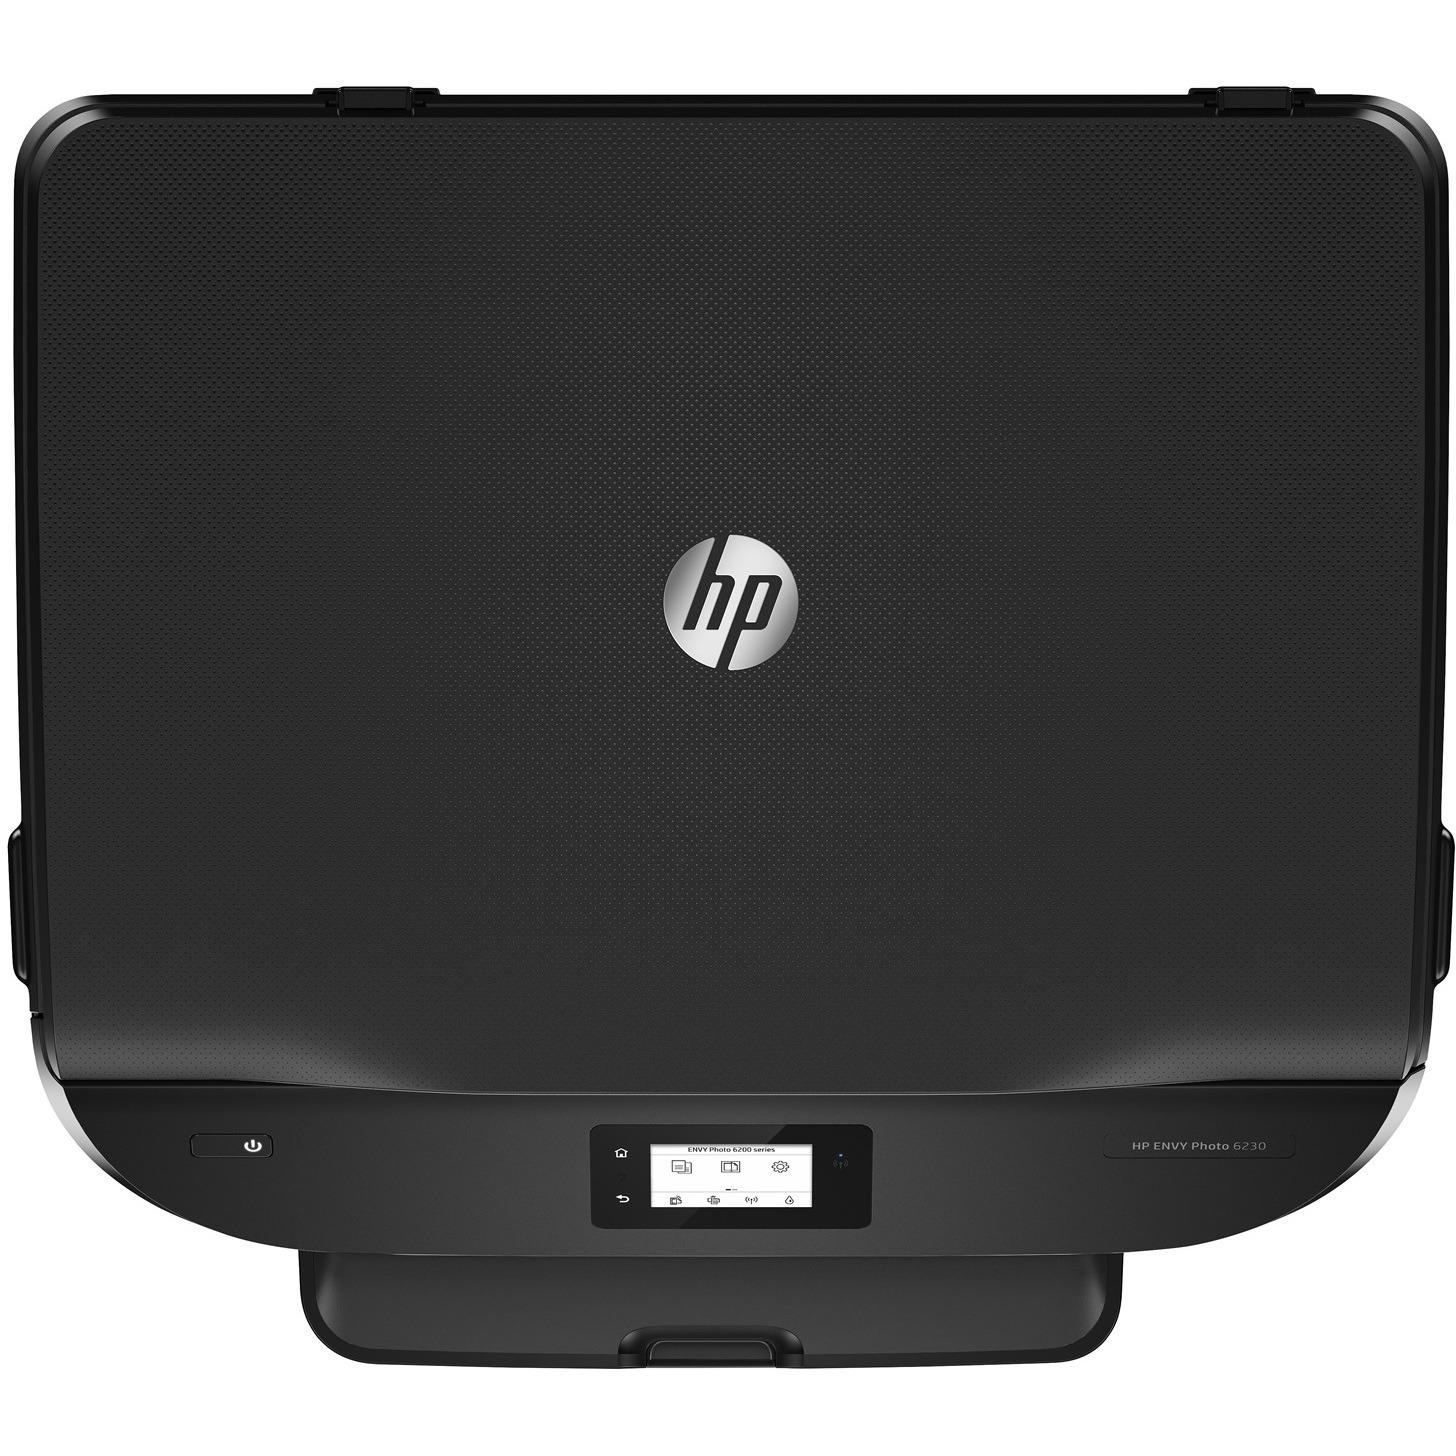 HP Envy 6230 Inkjet Multifunction Printer - Colour